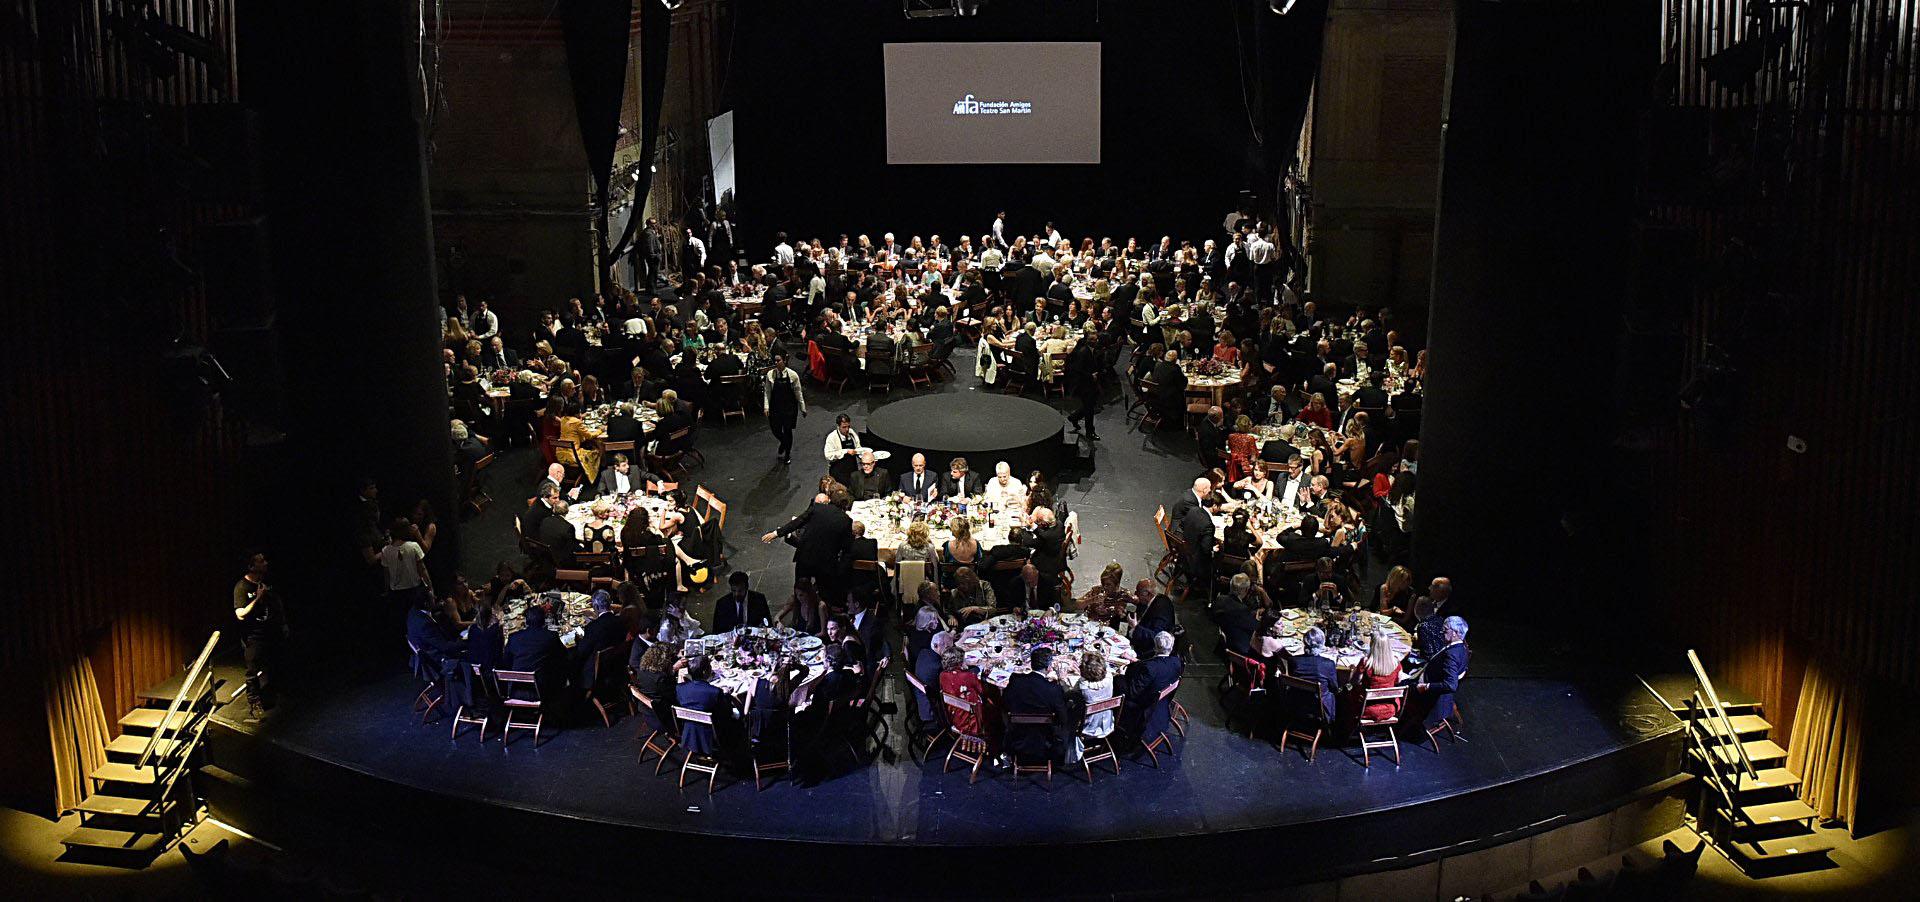 La cena se realizó sobre el escenario de la Sala Martín Coronado